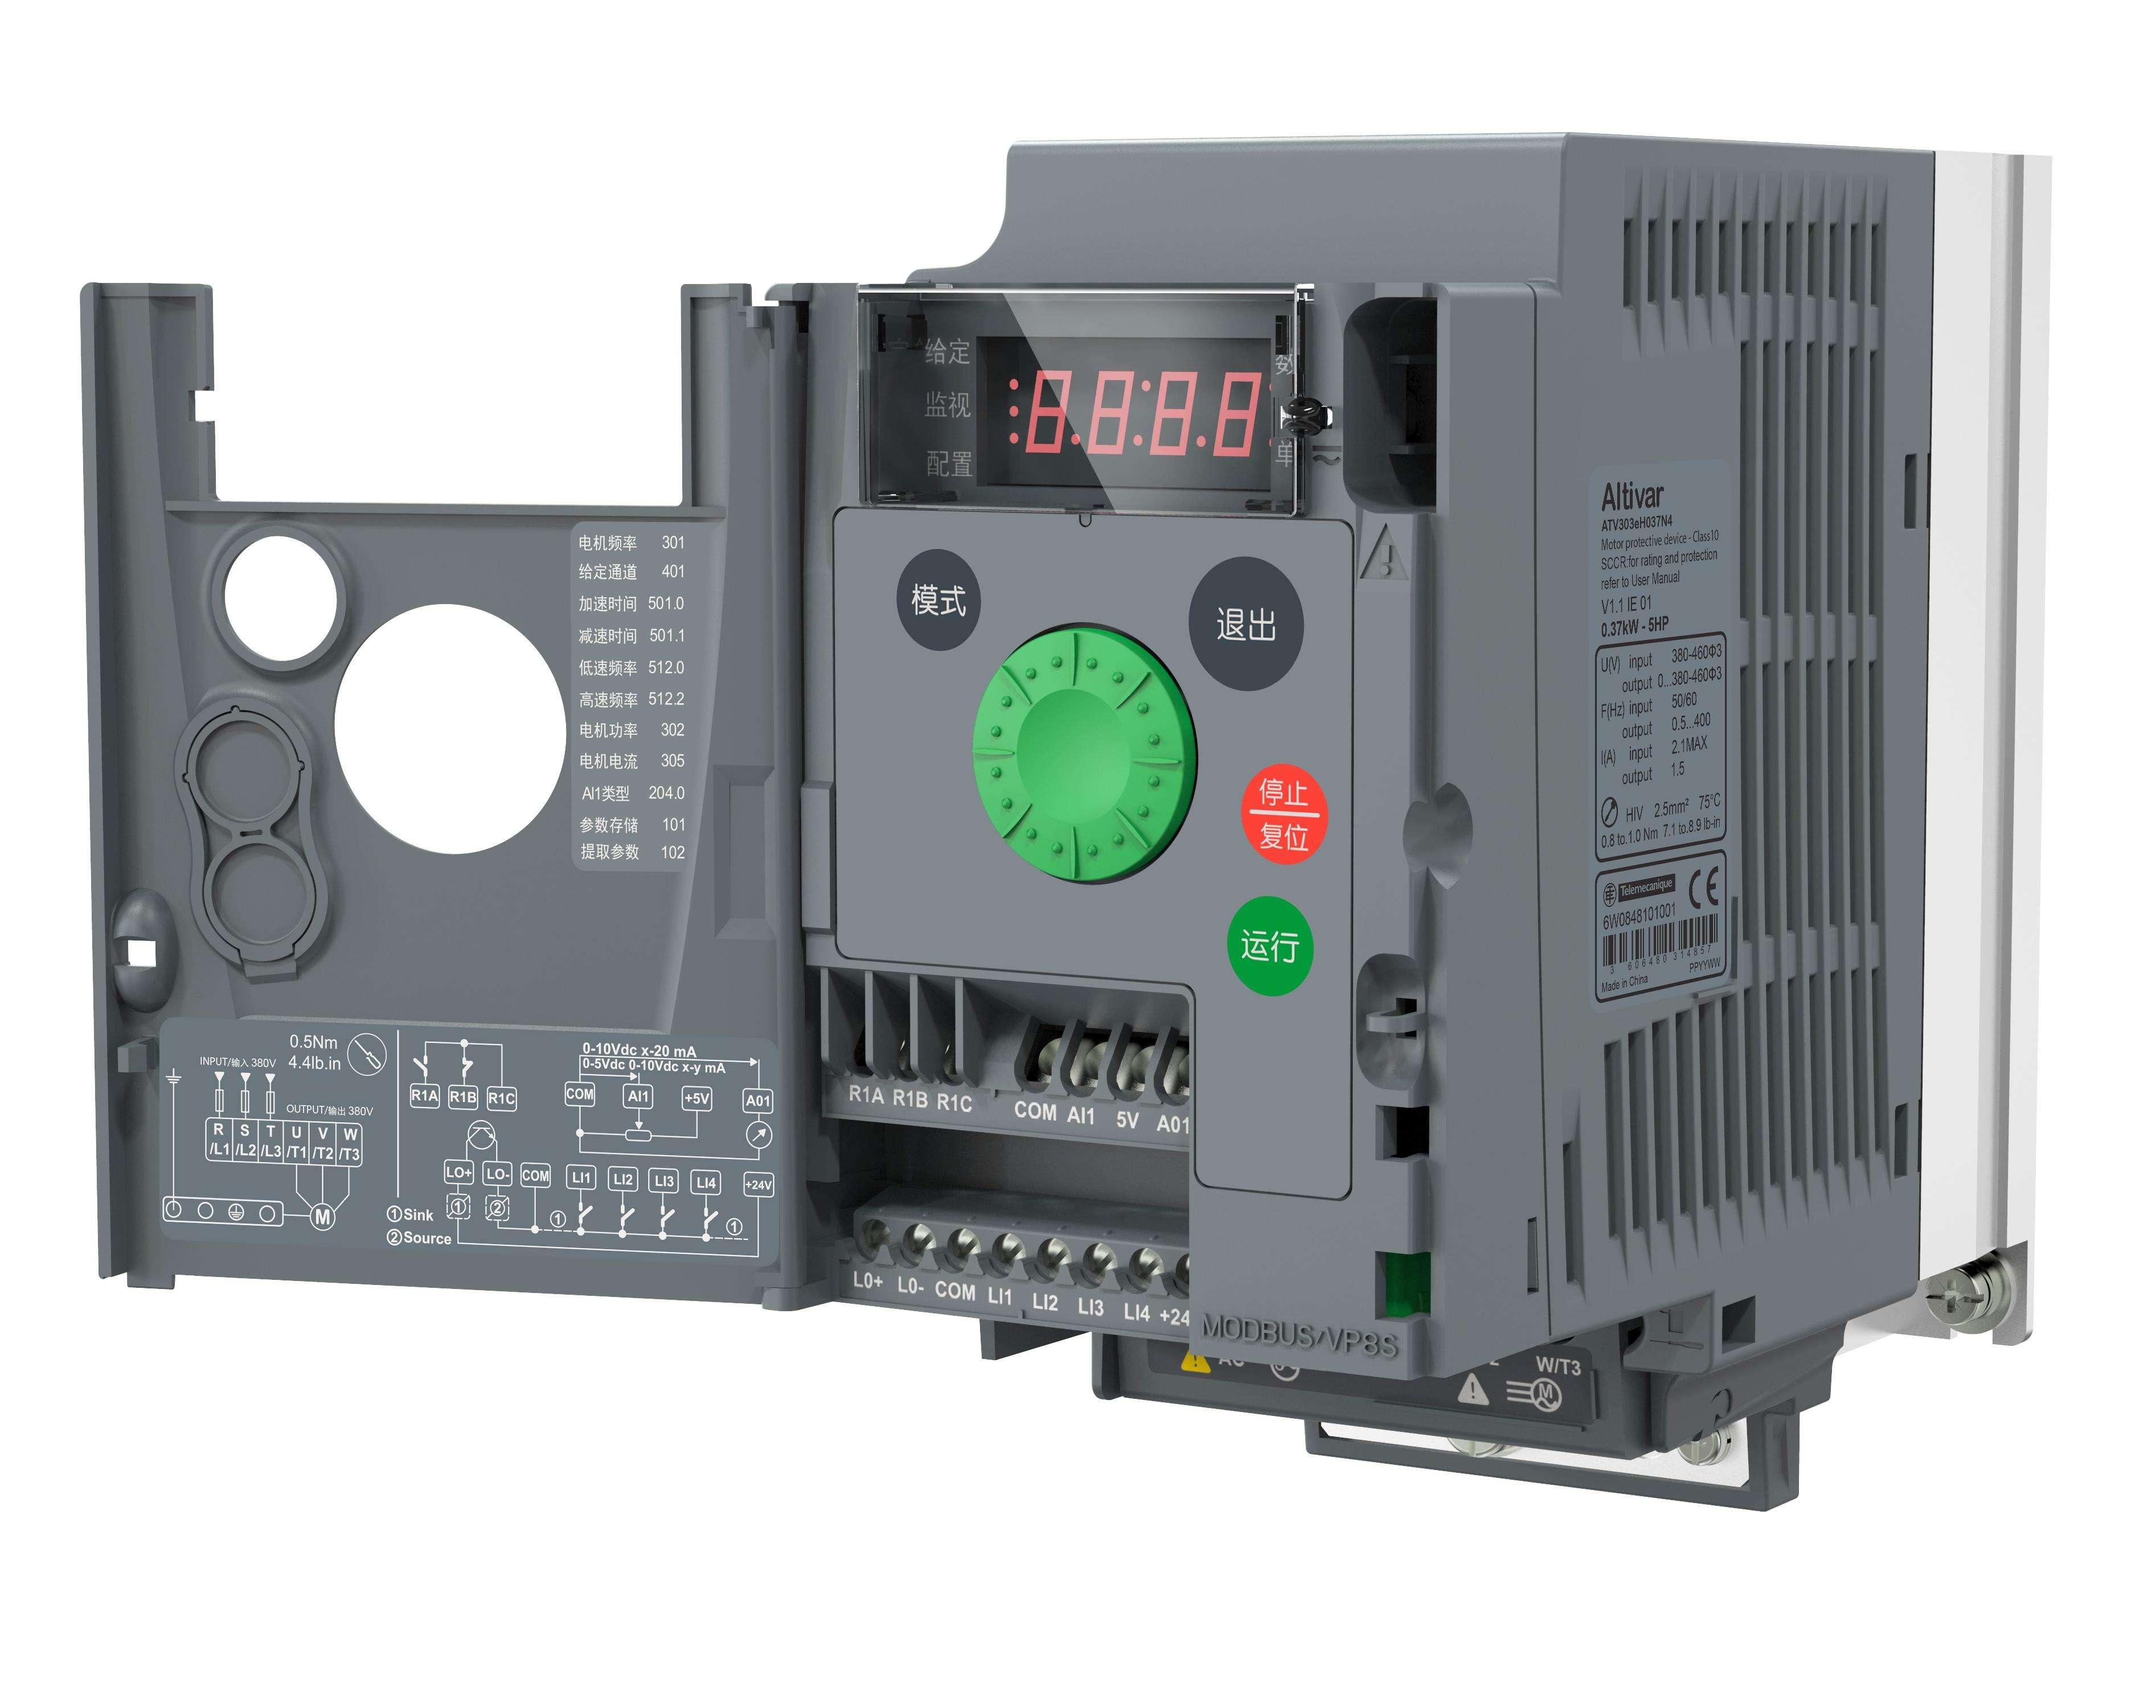 Schneider ATV310H037N4A_Frequency Converter_WOFOTO